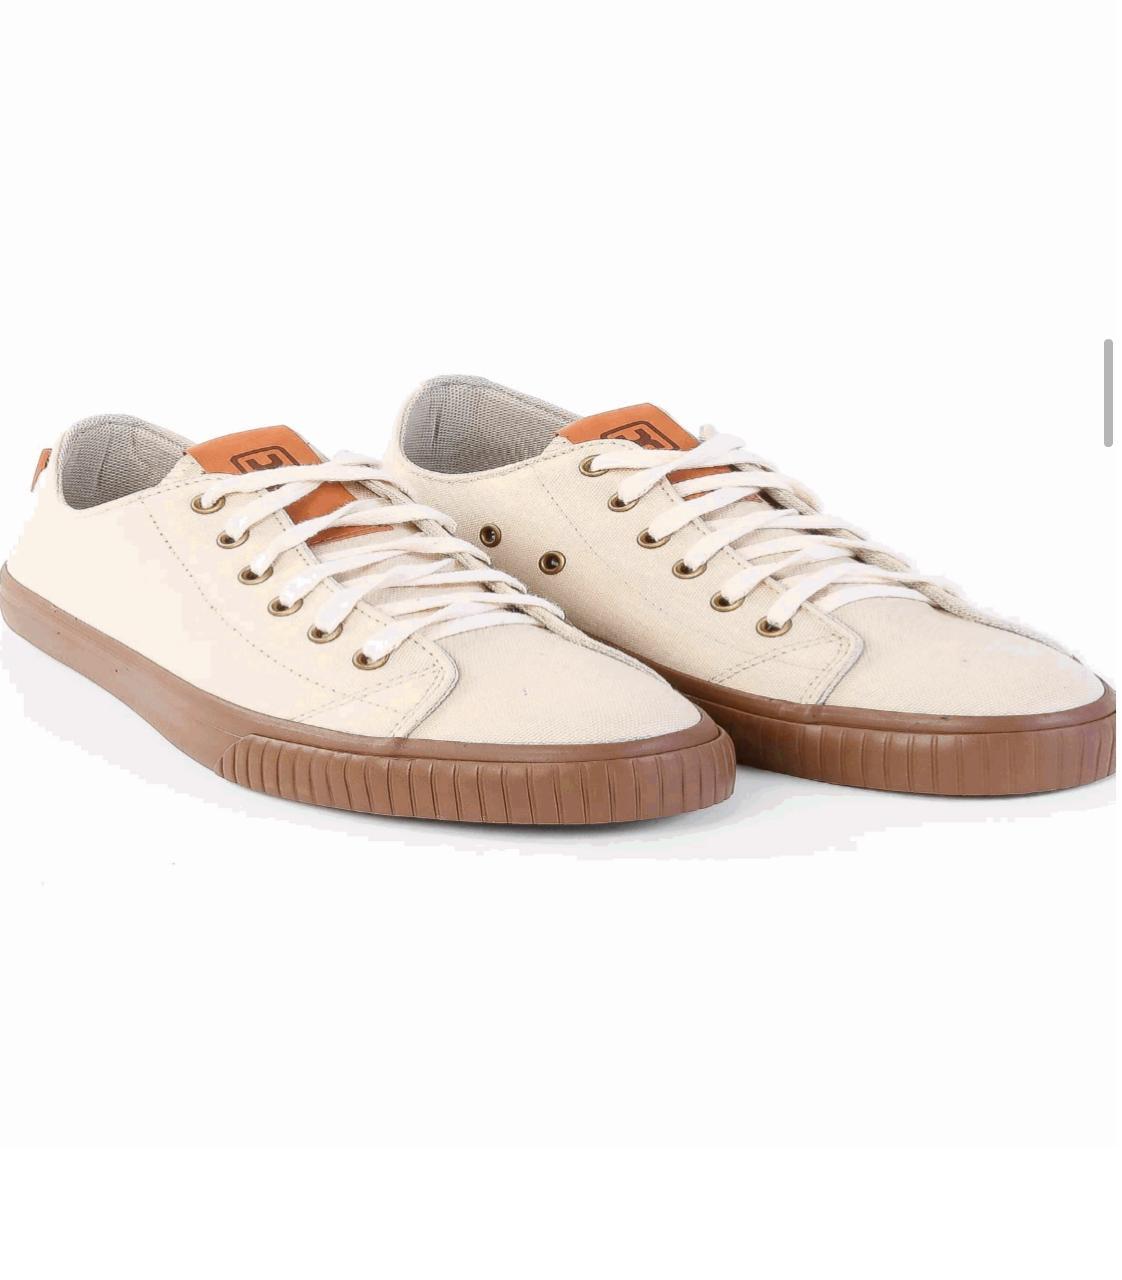 Tênis X-Shoes London Masculino Txc Lona e Borracha Liso - Palha